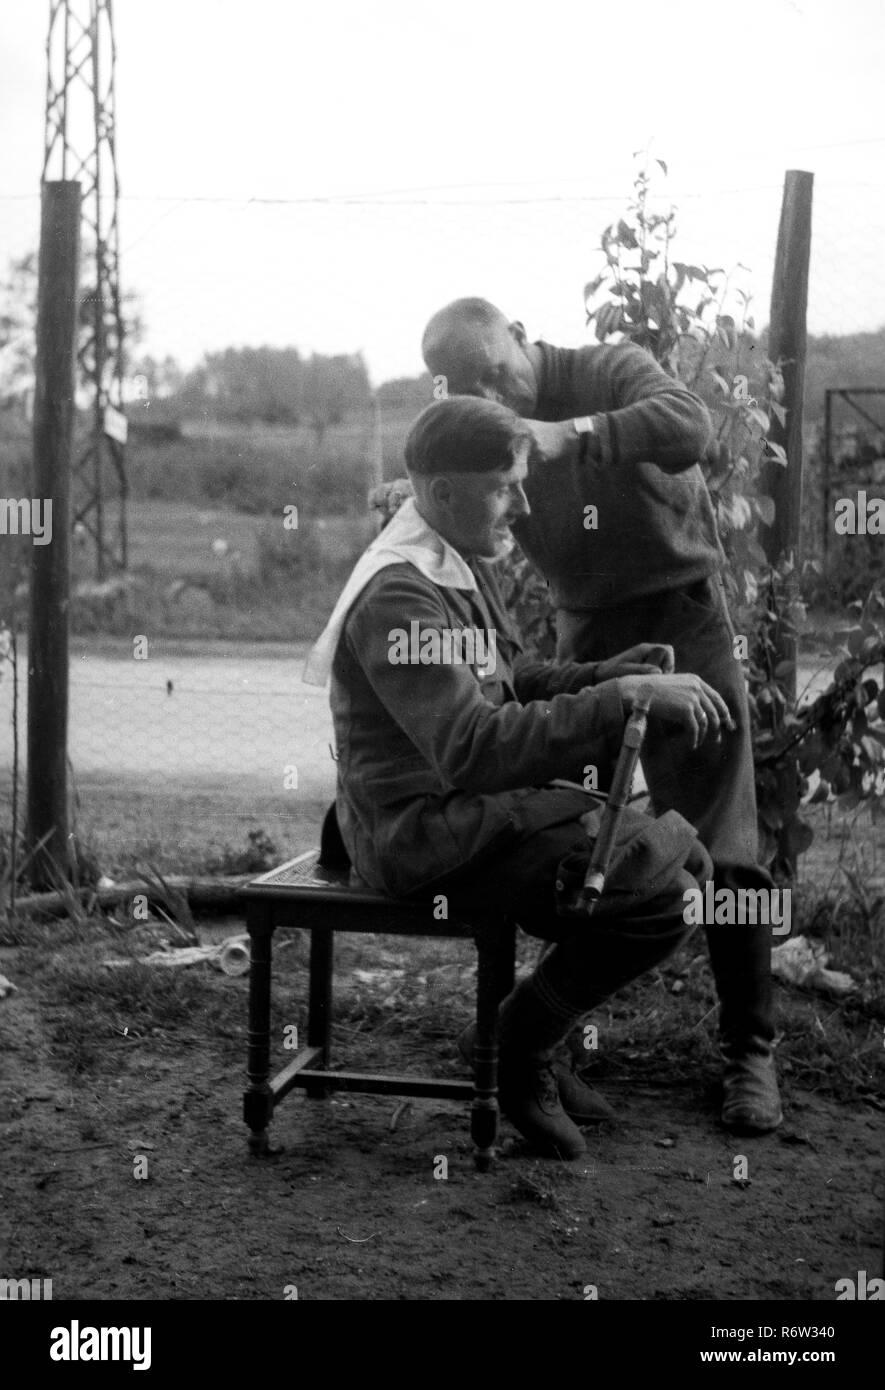 Corte de pelo 1940